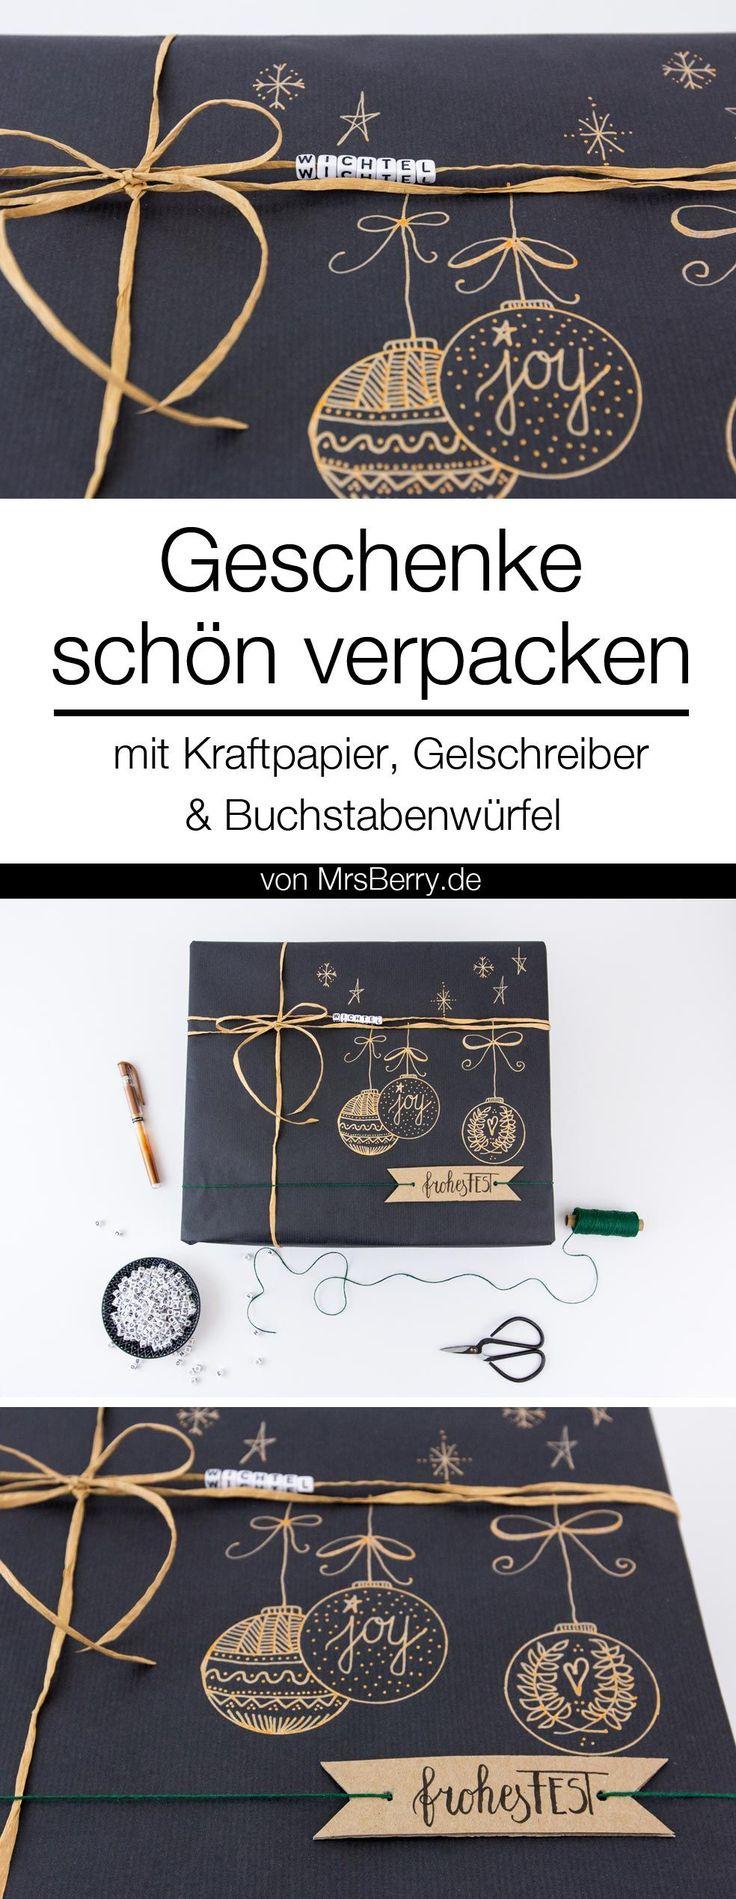 Weihnachtsgeschenke verpacken in Schwarz, Natur und Bronze <3 Mehr Ideen, Geschenke schön zu verpacken gibt's auf MrsBerry.de